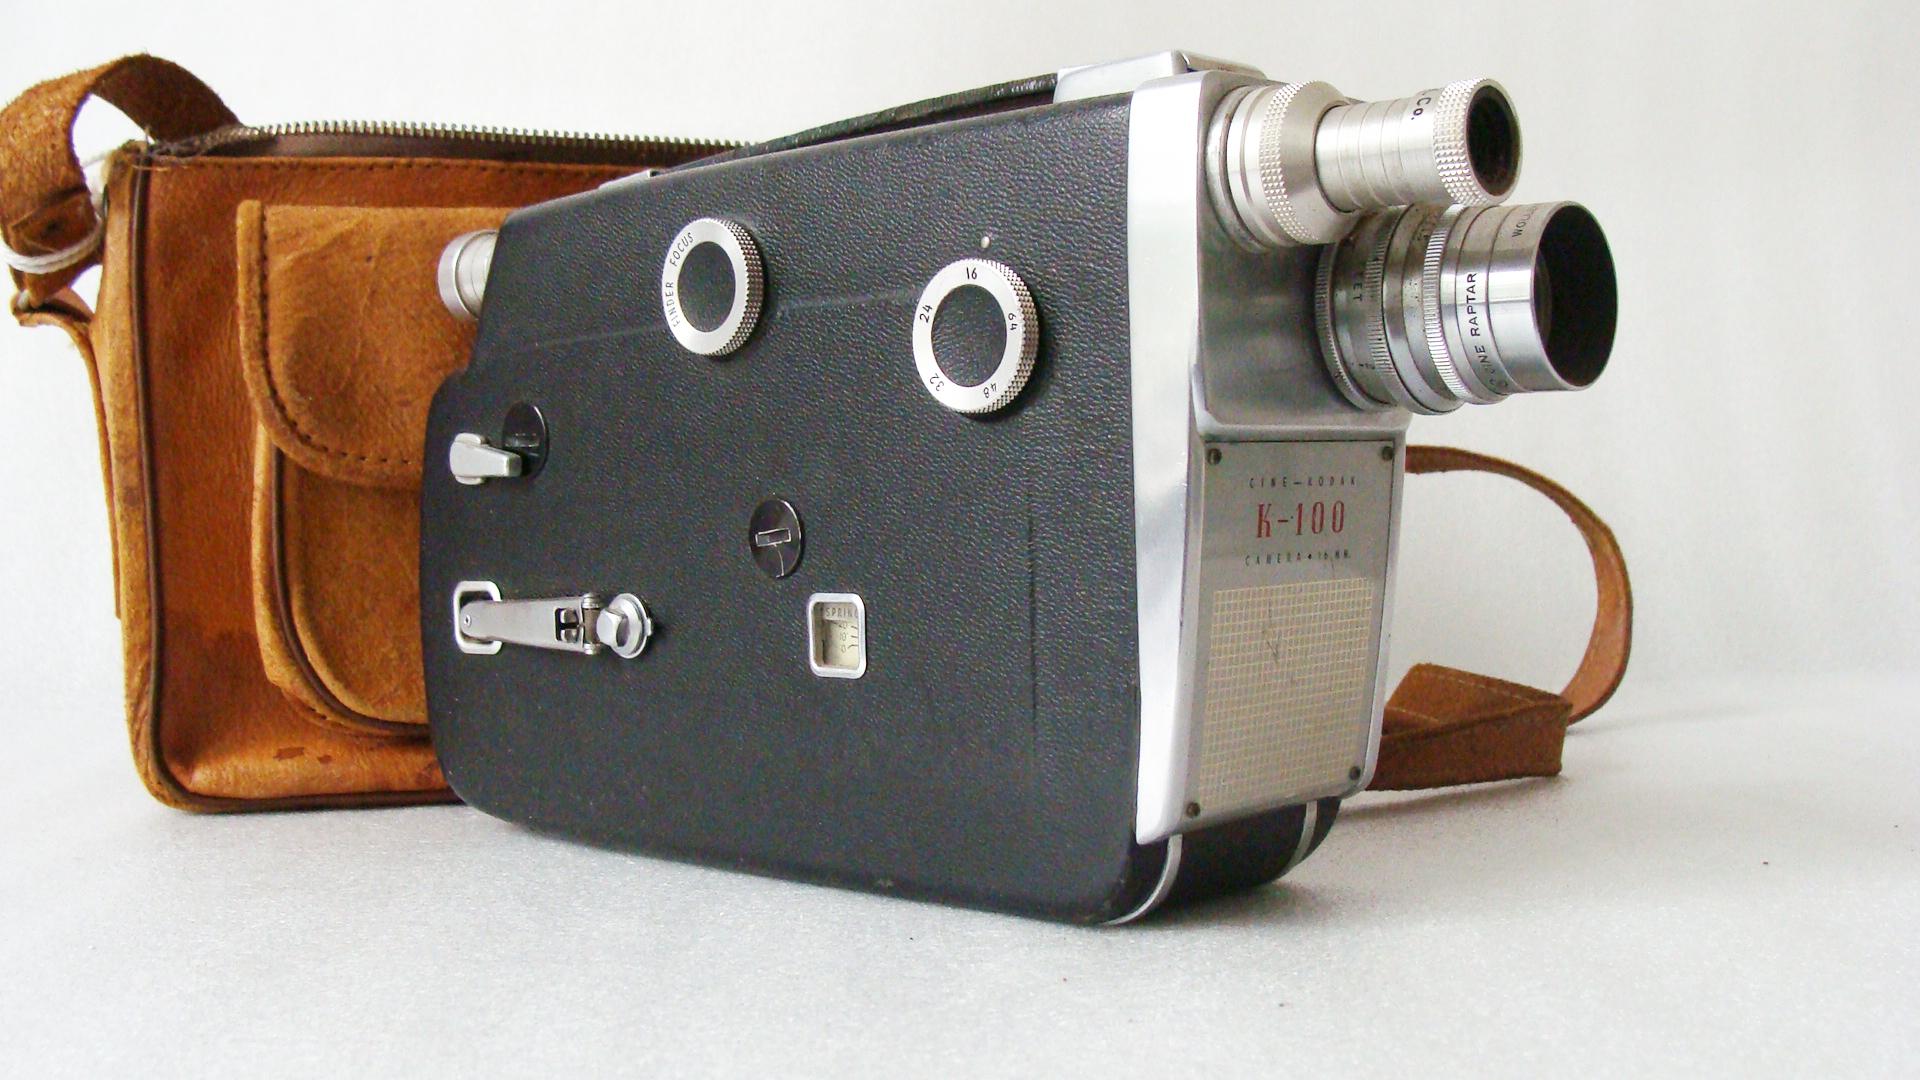 Kino kamera CINE KODAK K-100